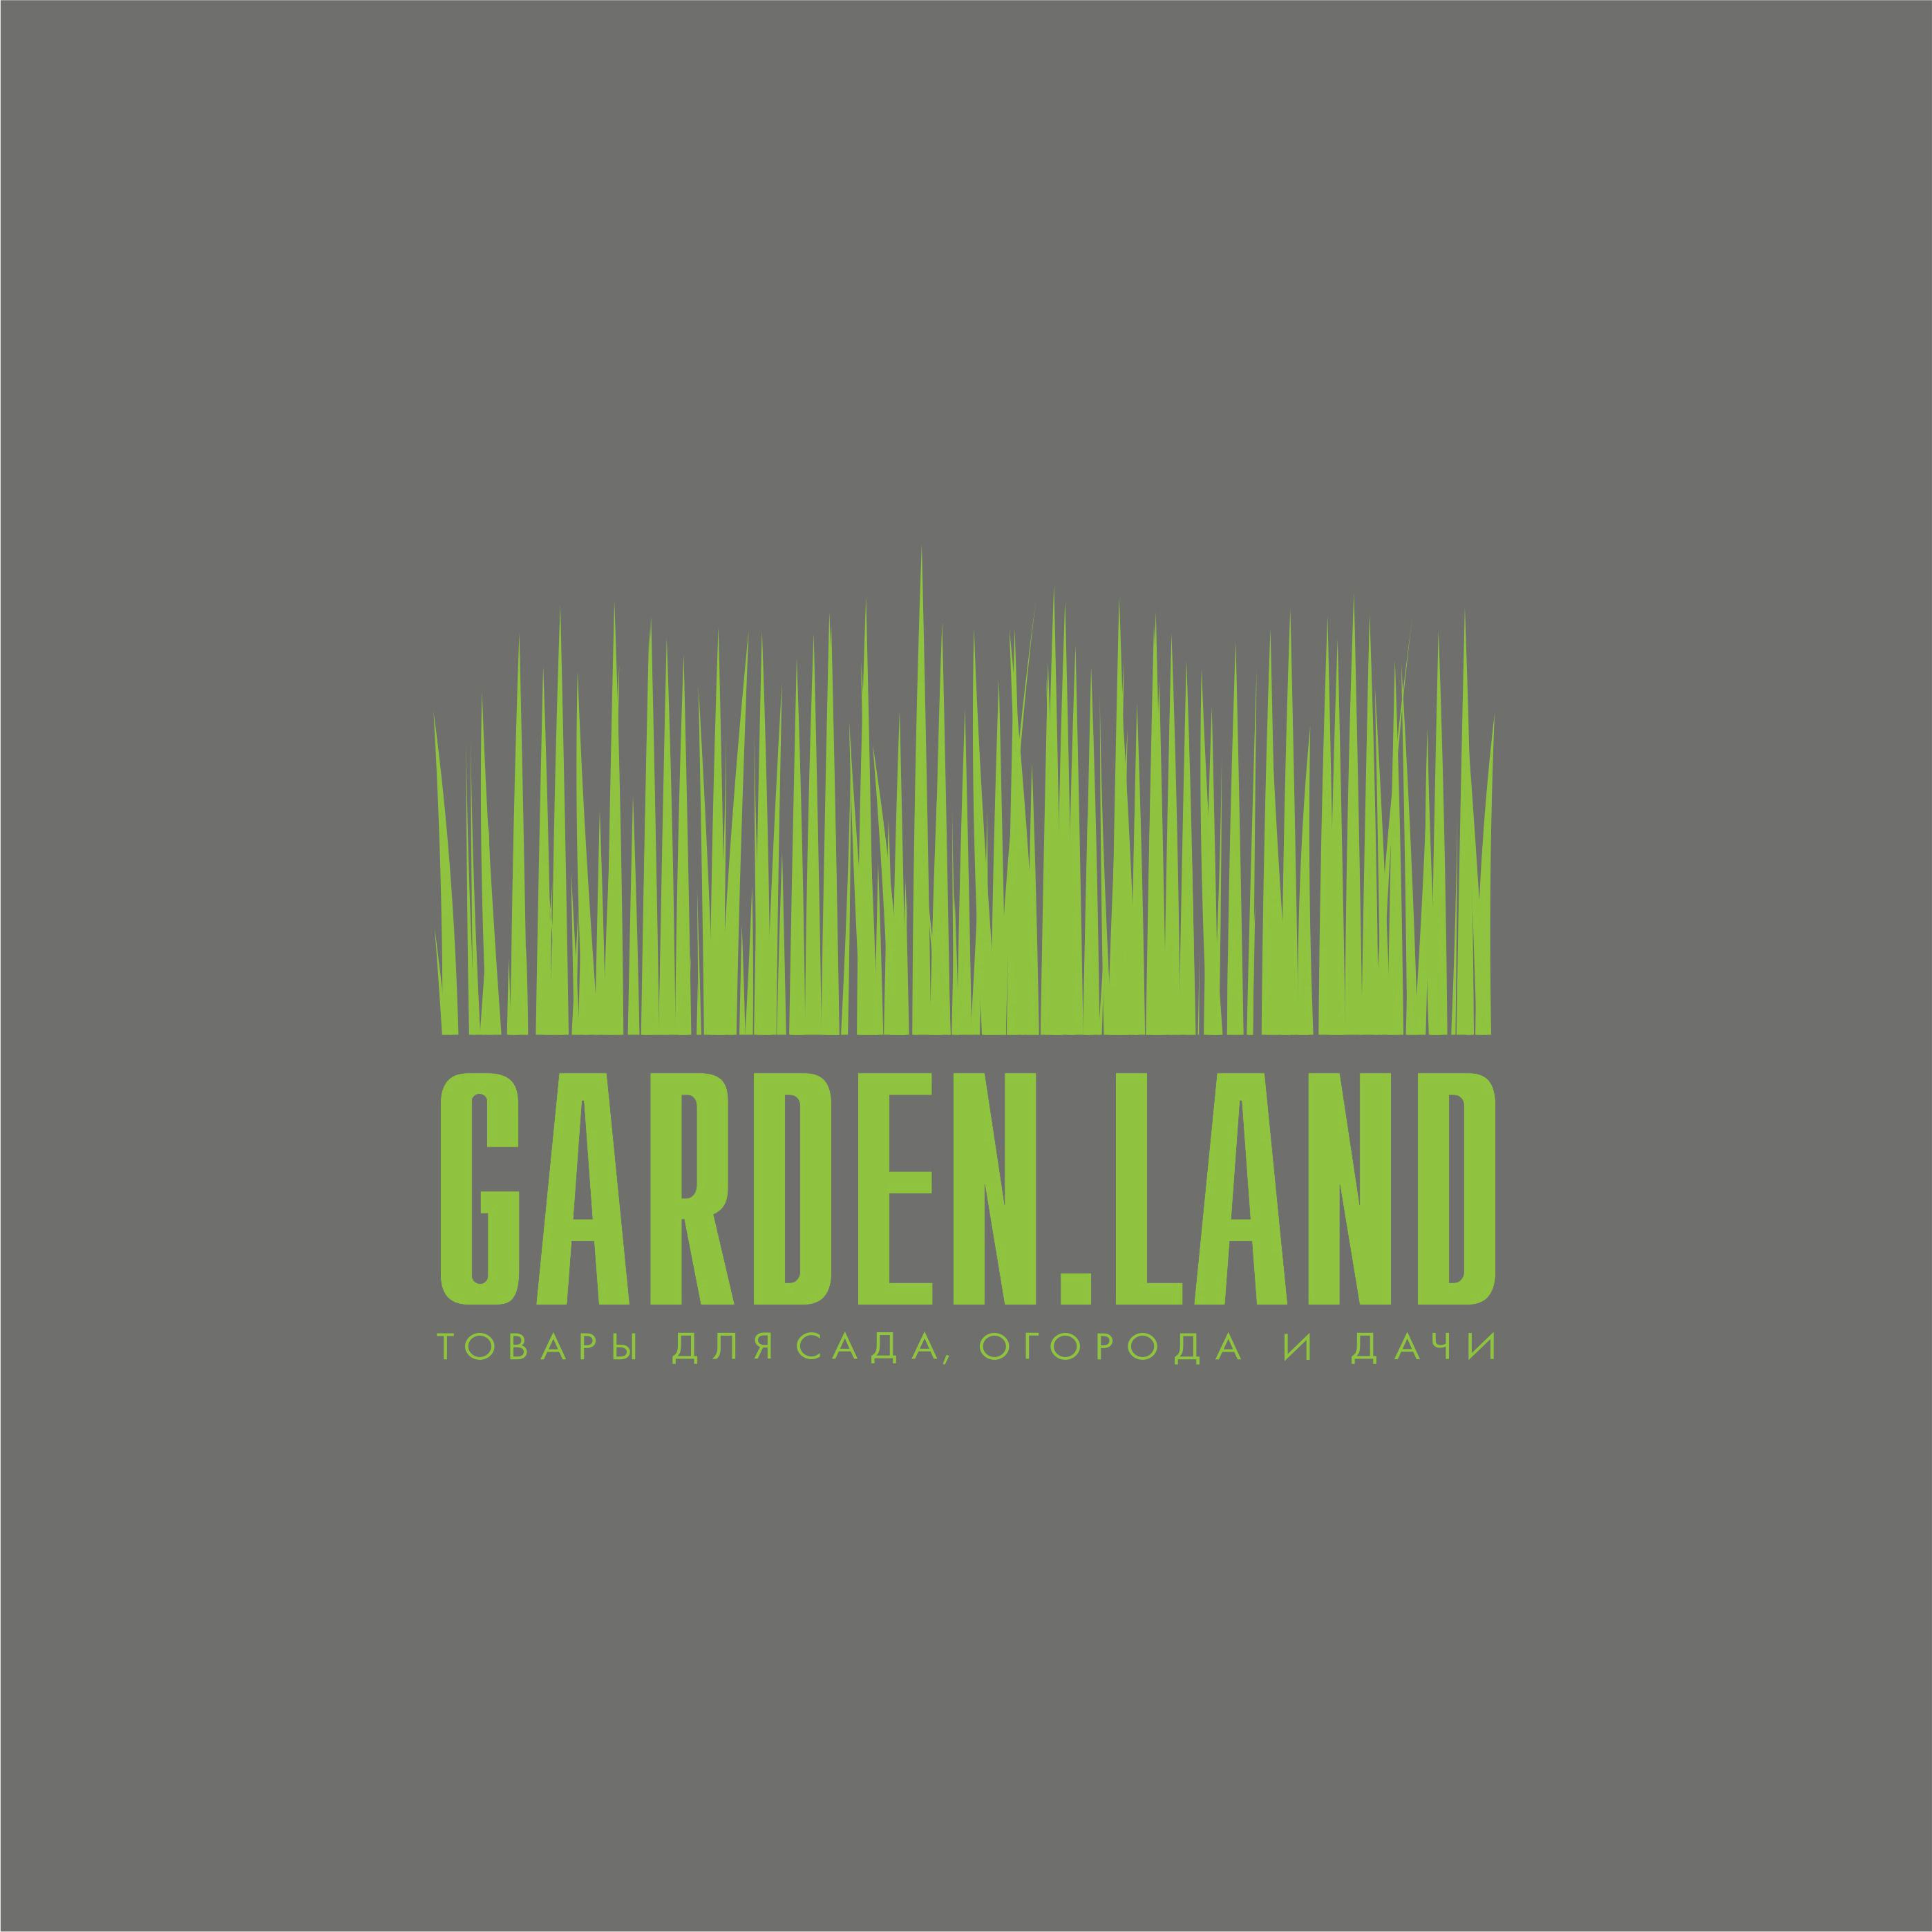 Создание логотипа компании Garden.Land фото f_6645986e7991d81d.jpg